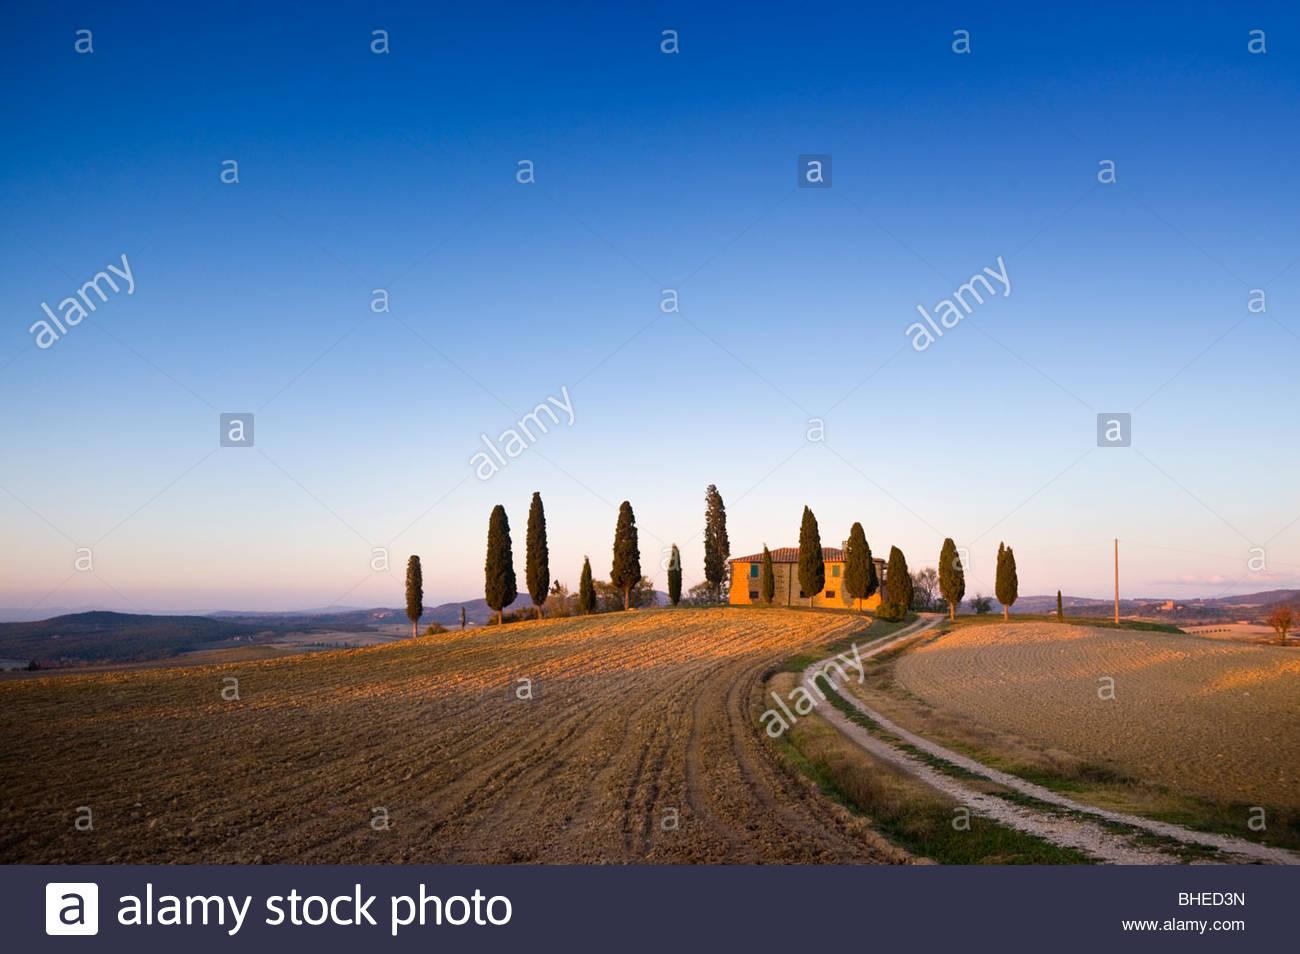 Ferme près de Pienza, Val D'Orcia, Toscane, Italie. Photo Stock